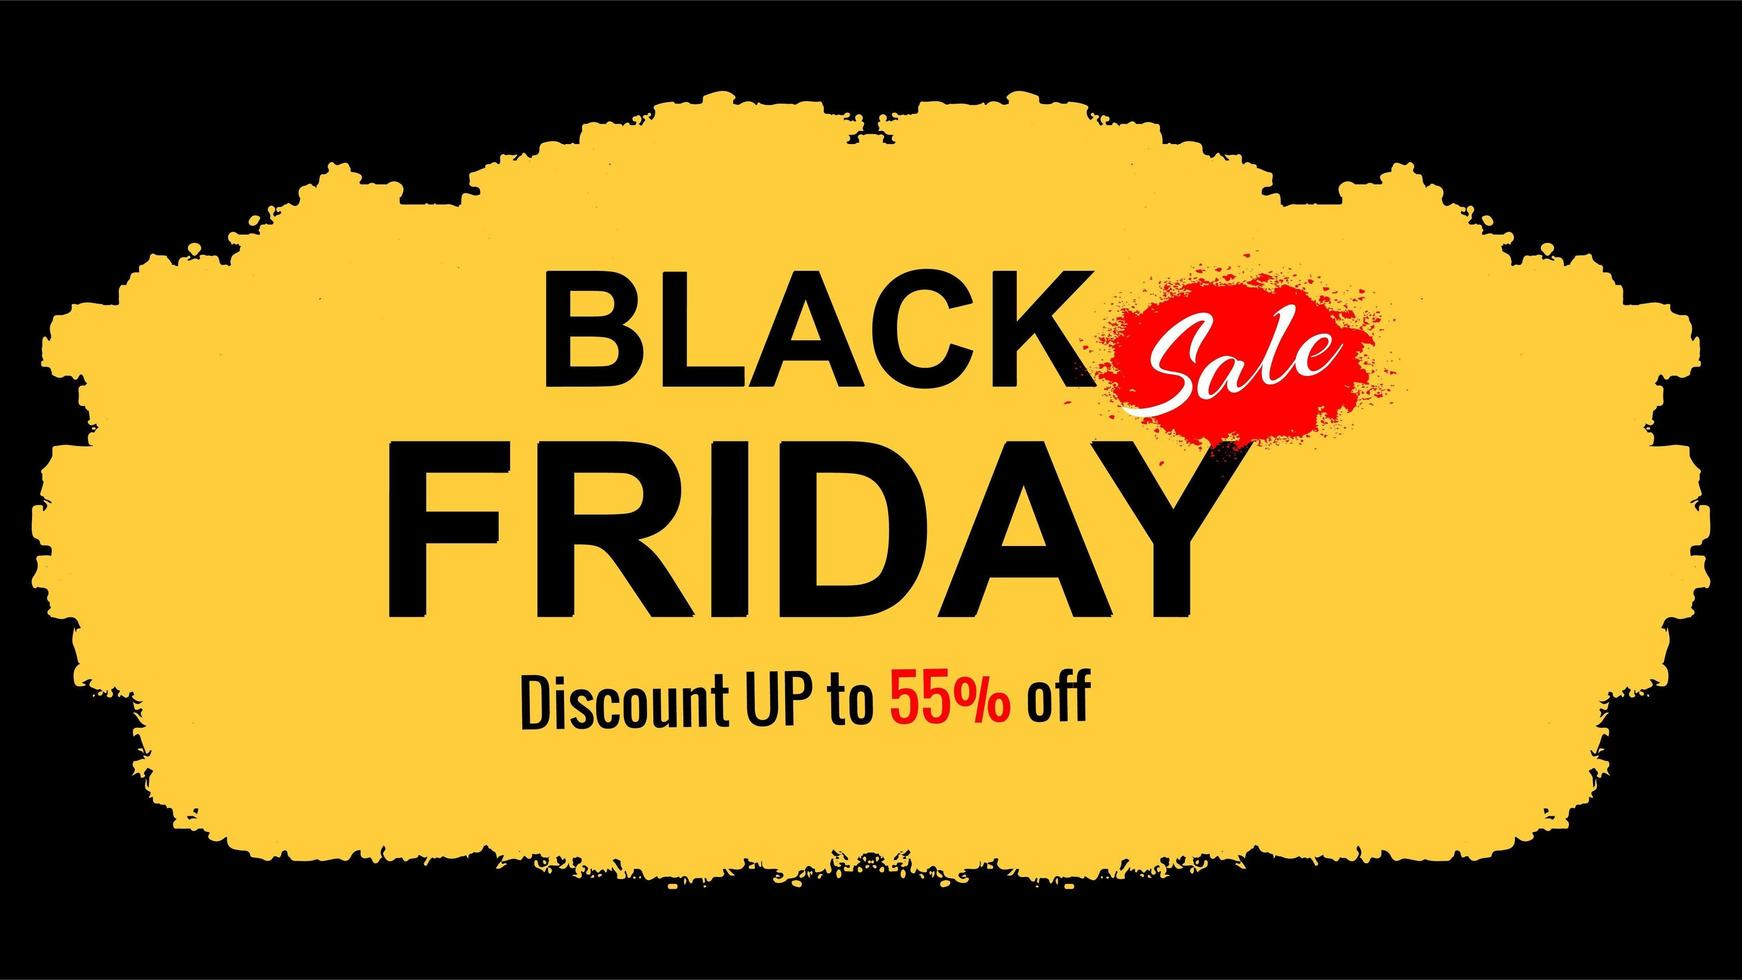 zwarte vrijdag verkoop beperkte aanbieding platte achtergrond vector